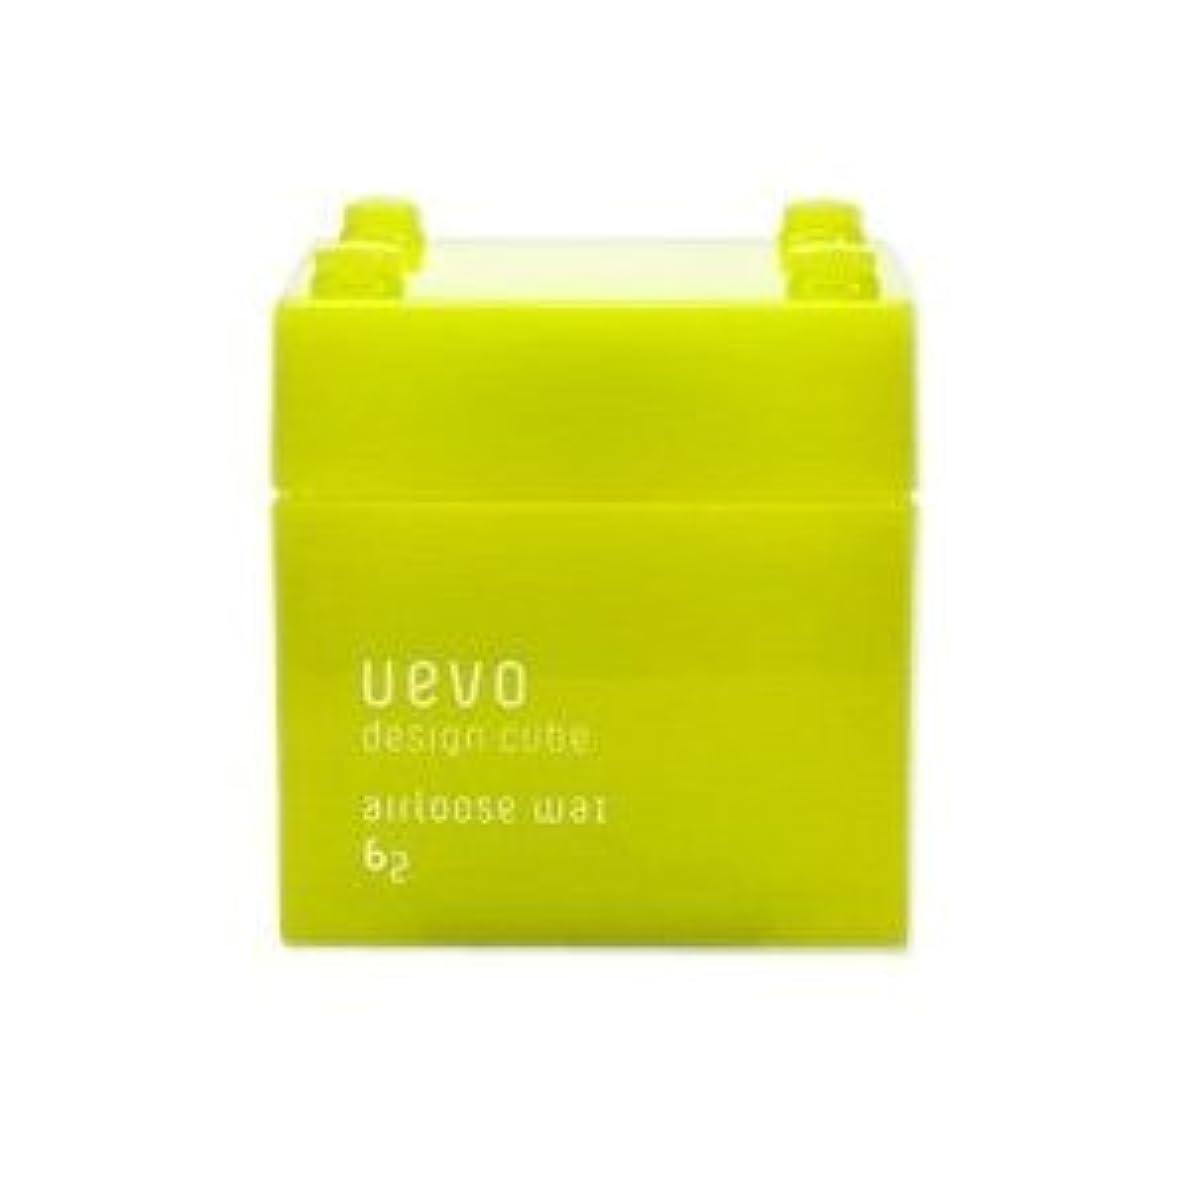 ケージ余分な特性【X2個セット】 デミ ウェーボ デザインキューブ エアルーズワックス 80g airloose wax DEMI uevo design cube